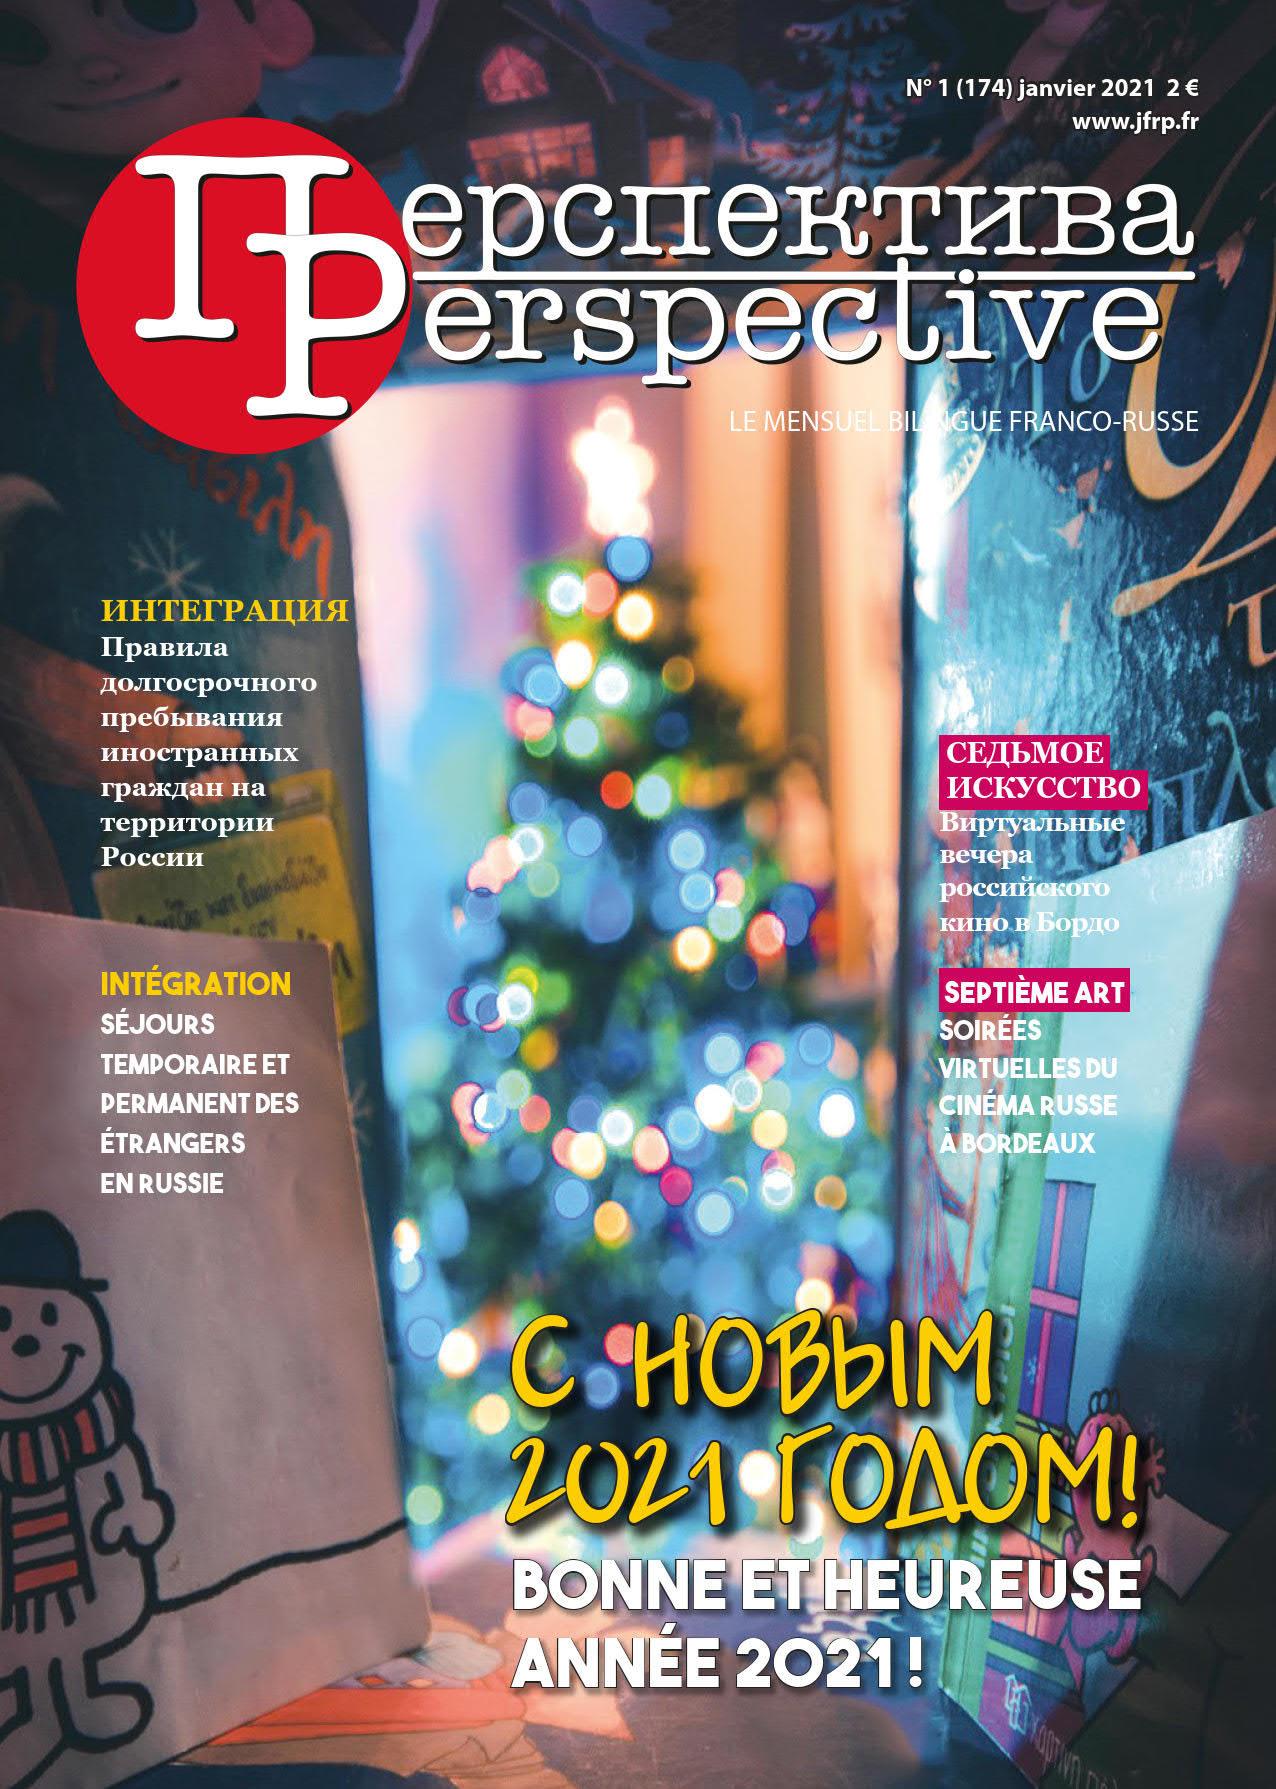 Читайте в январском номере, на двух языках: - CОБЫТИЯ. Подарить новогоднее чудо. Несмотря на сложную санитарную ситуацию, энтузиасты из ассоциаций российско-французской дружбы и на этот раз делали всё возможное, чтобы подарить детям и взрослым новогоднее чудо - СЕДЬМОЕ ИСКУССТВО. «Вперёд в будущее»: виртуальные вечера российского кино в Бордо - ИНТЕГРАЦИЯ. Правила долгосрочного пребывания иностранных граждан на территории России - Результаты розыгрыша призов для подписчиков «Перспективы»